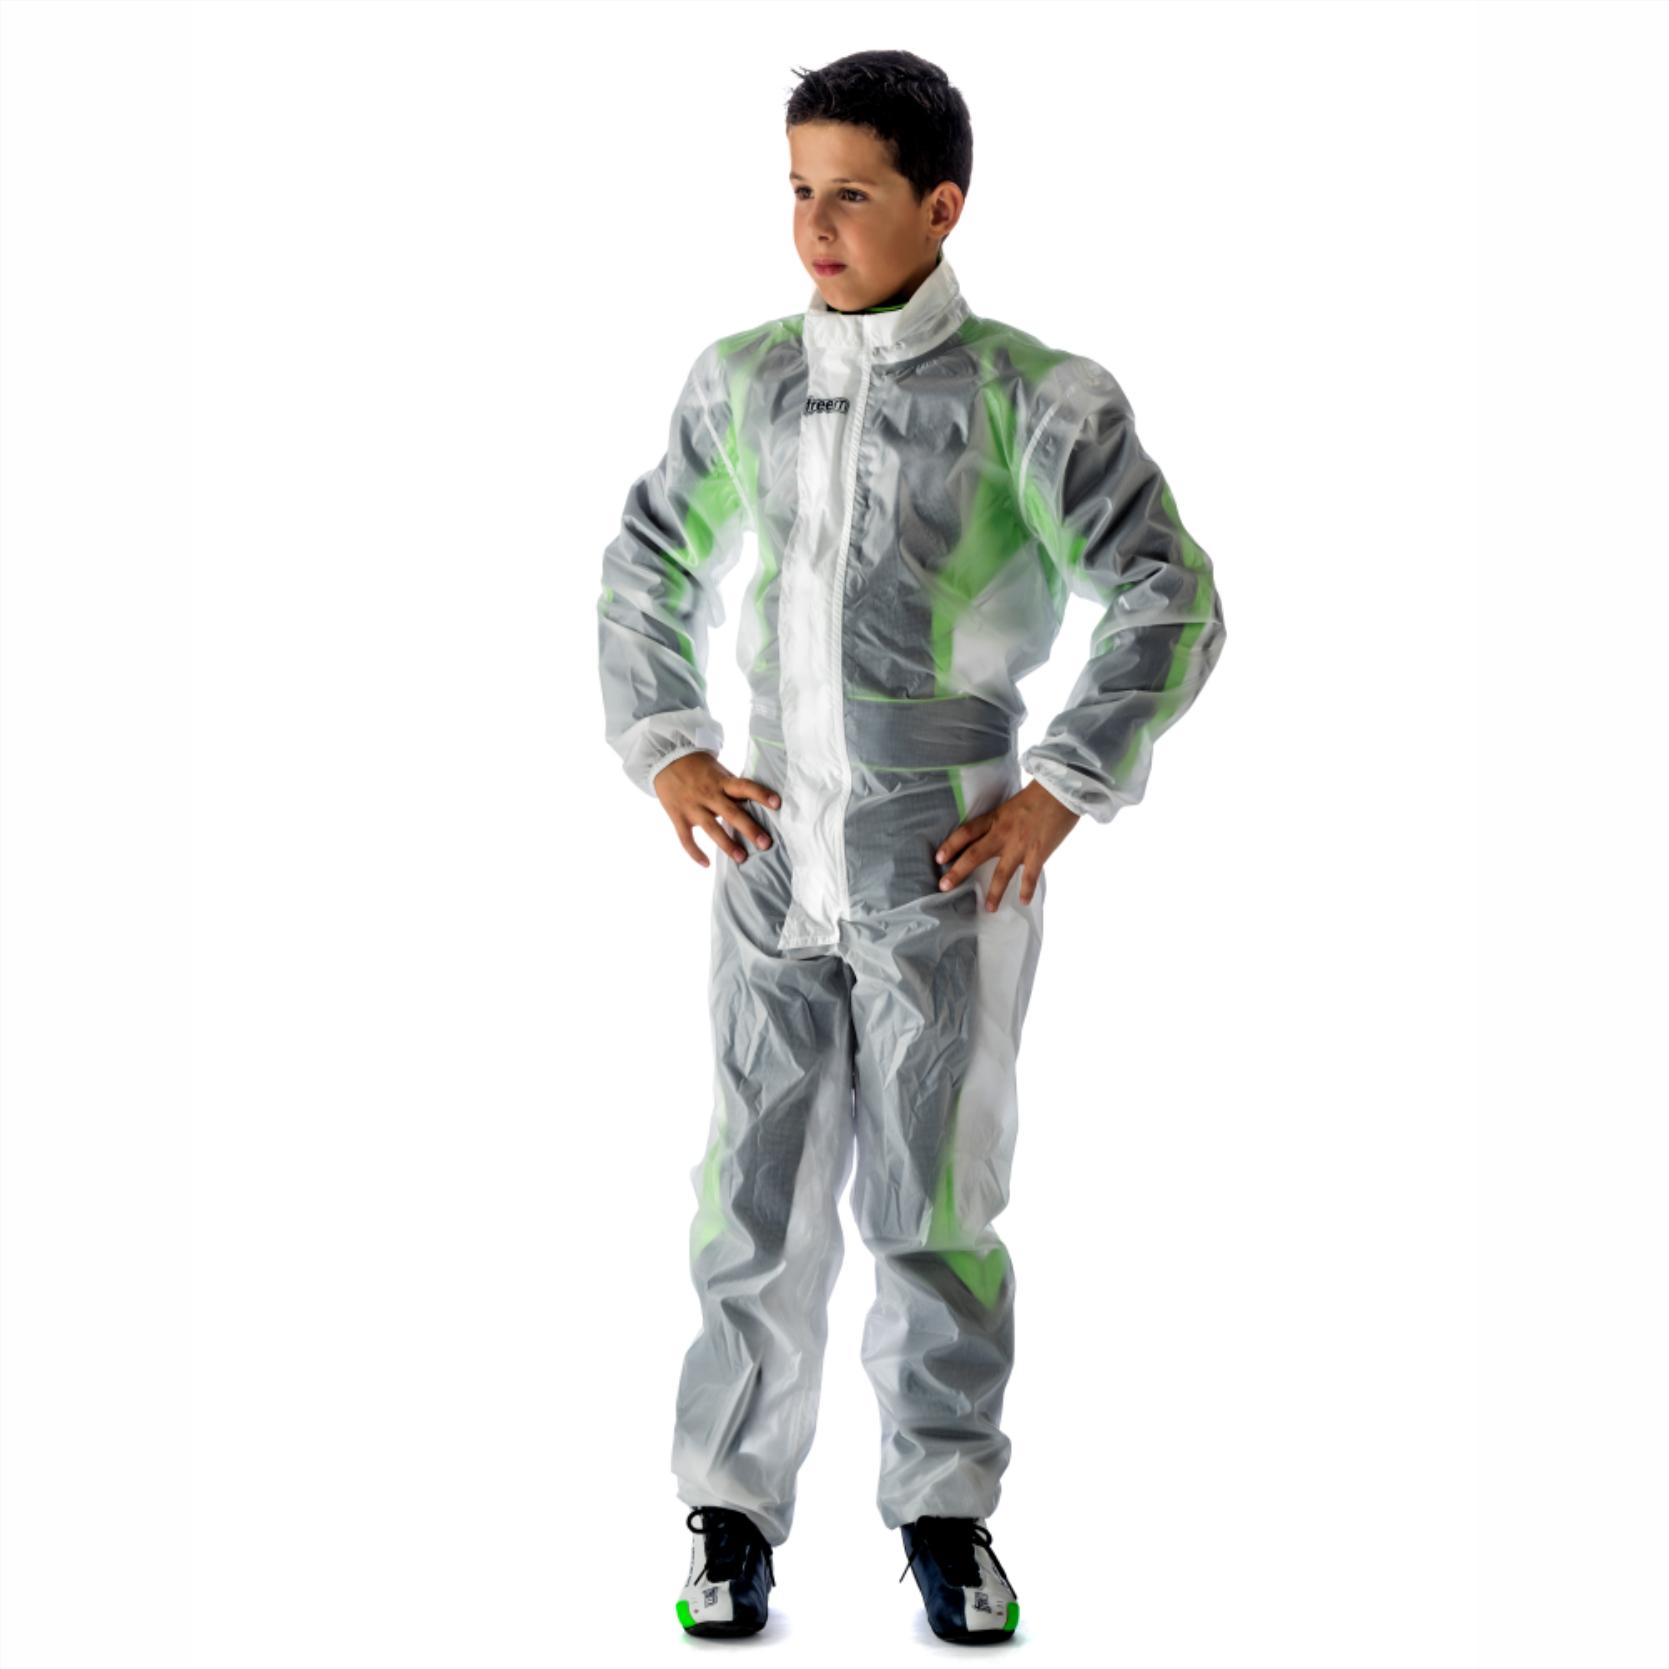 accessori-kart-rain-suit-1__EDIT